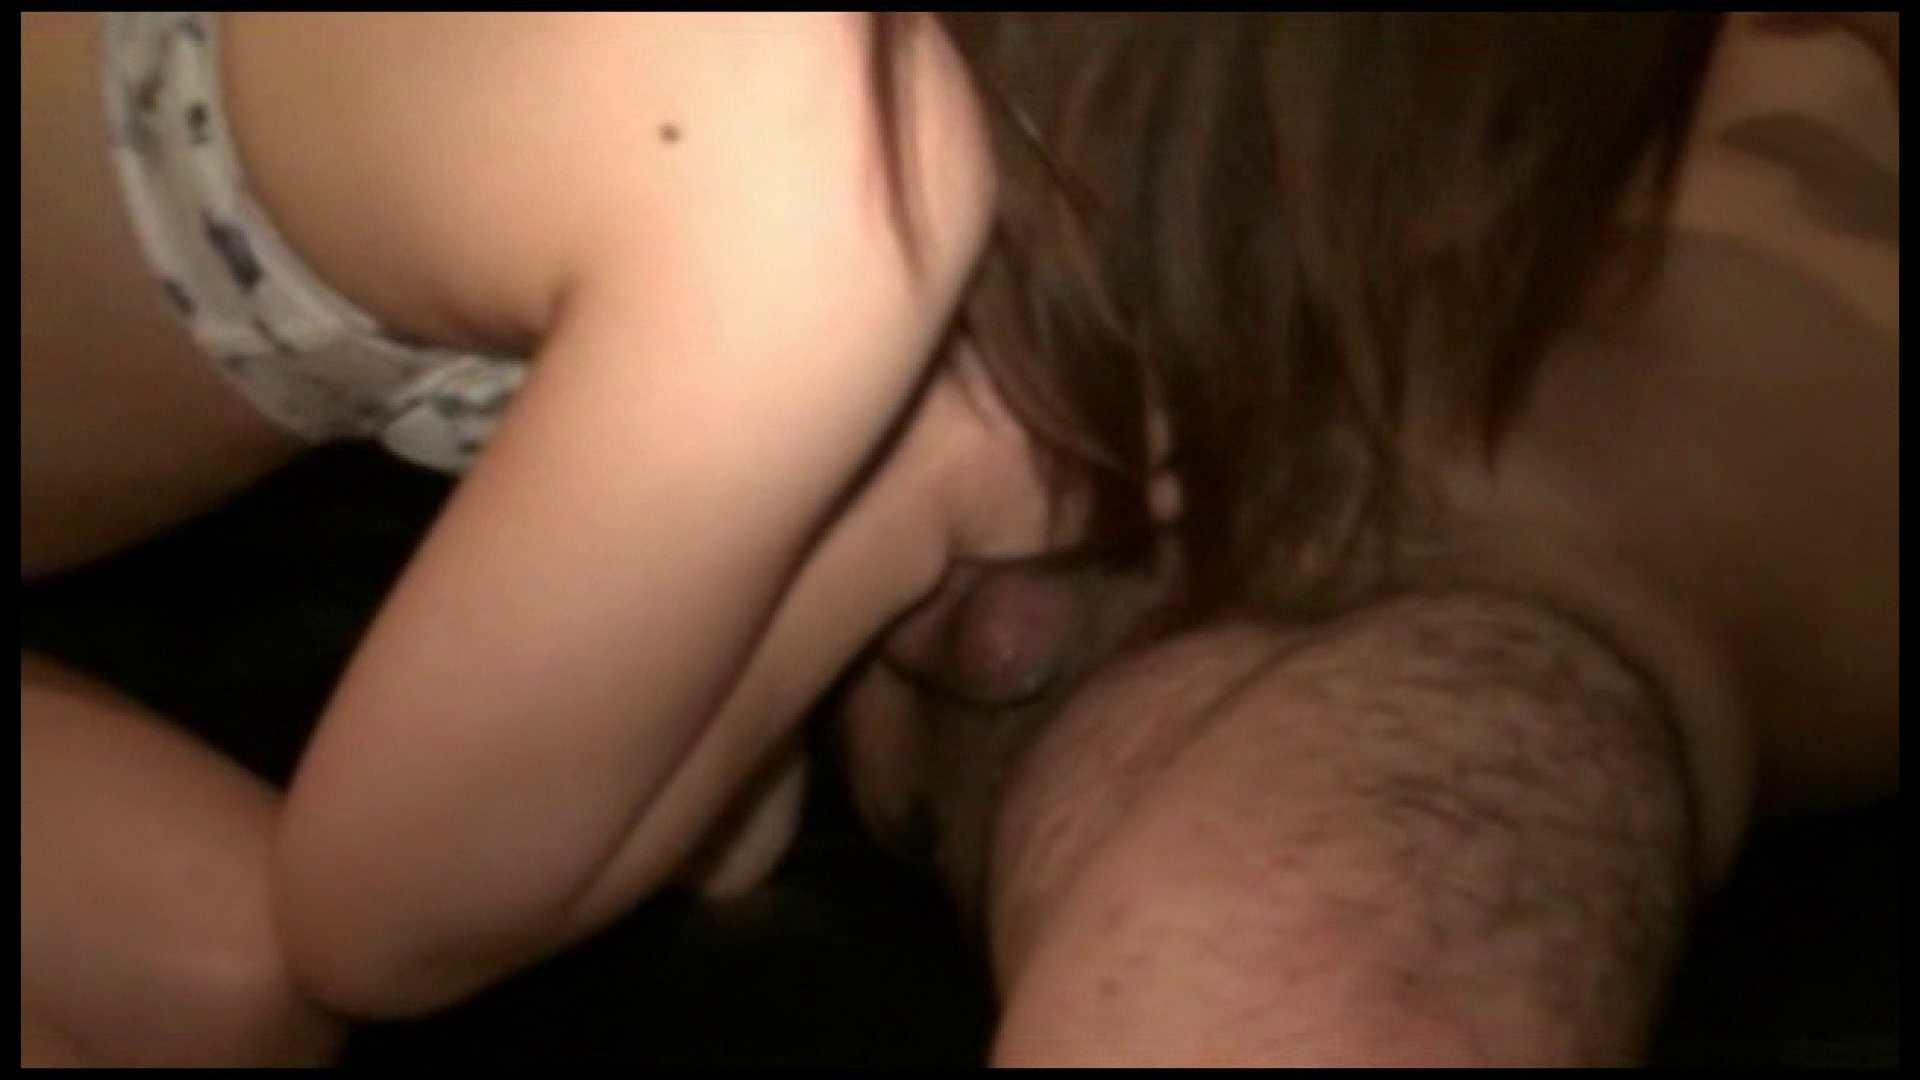 ハメ撮り天国 Vol.5 前編 流出作品 セックス画像 100pic 42